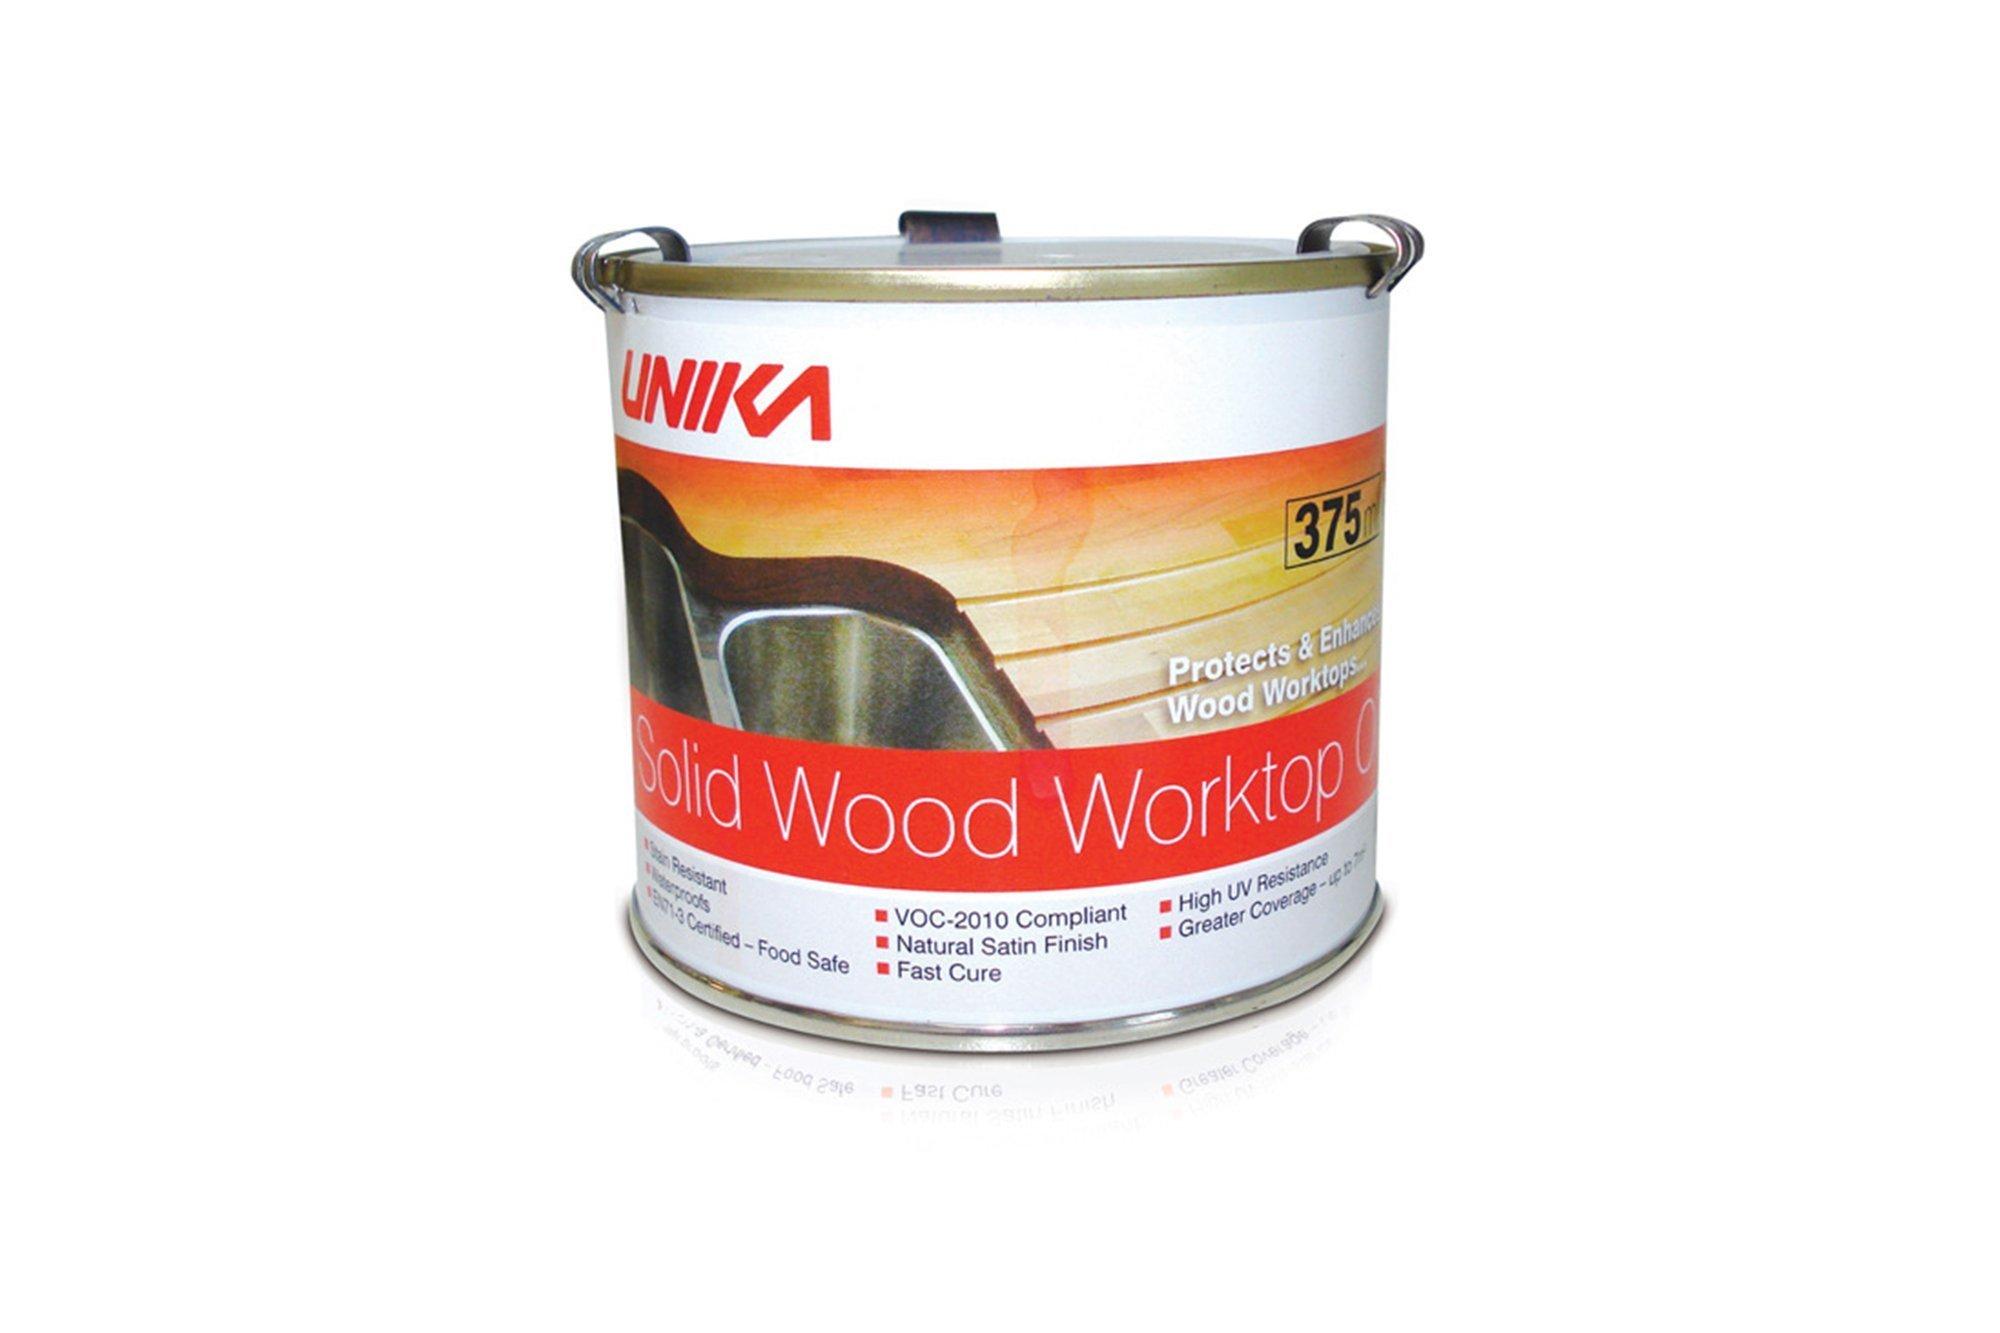 UNIKA Solid Wood Worktop RAPID Oil